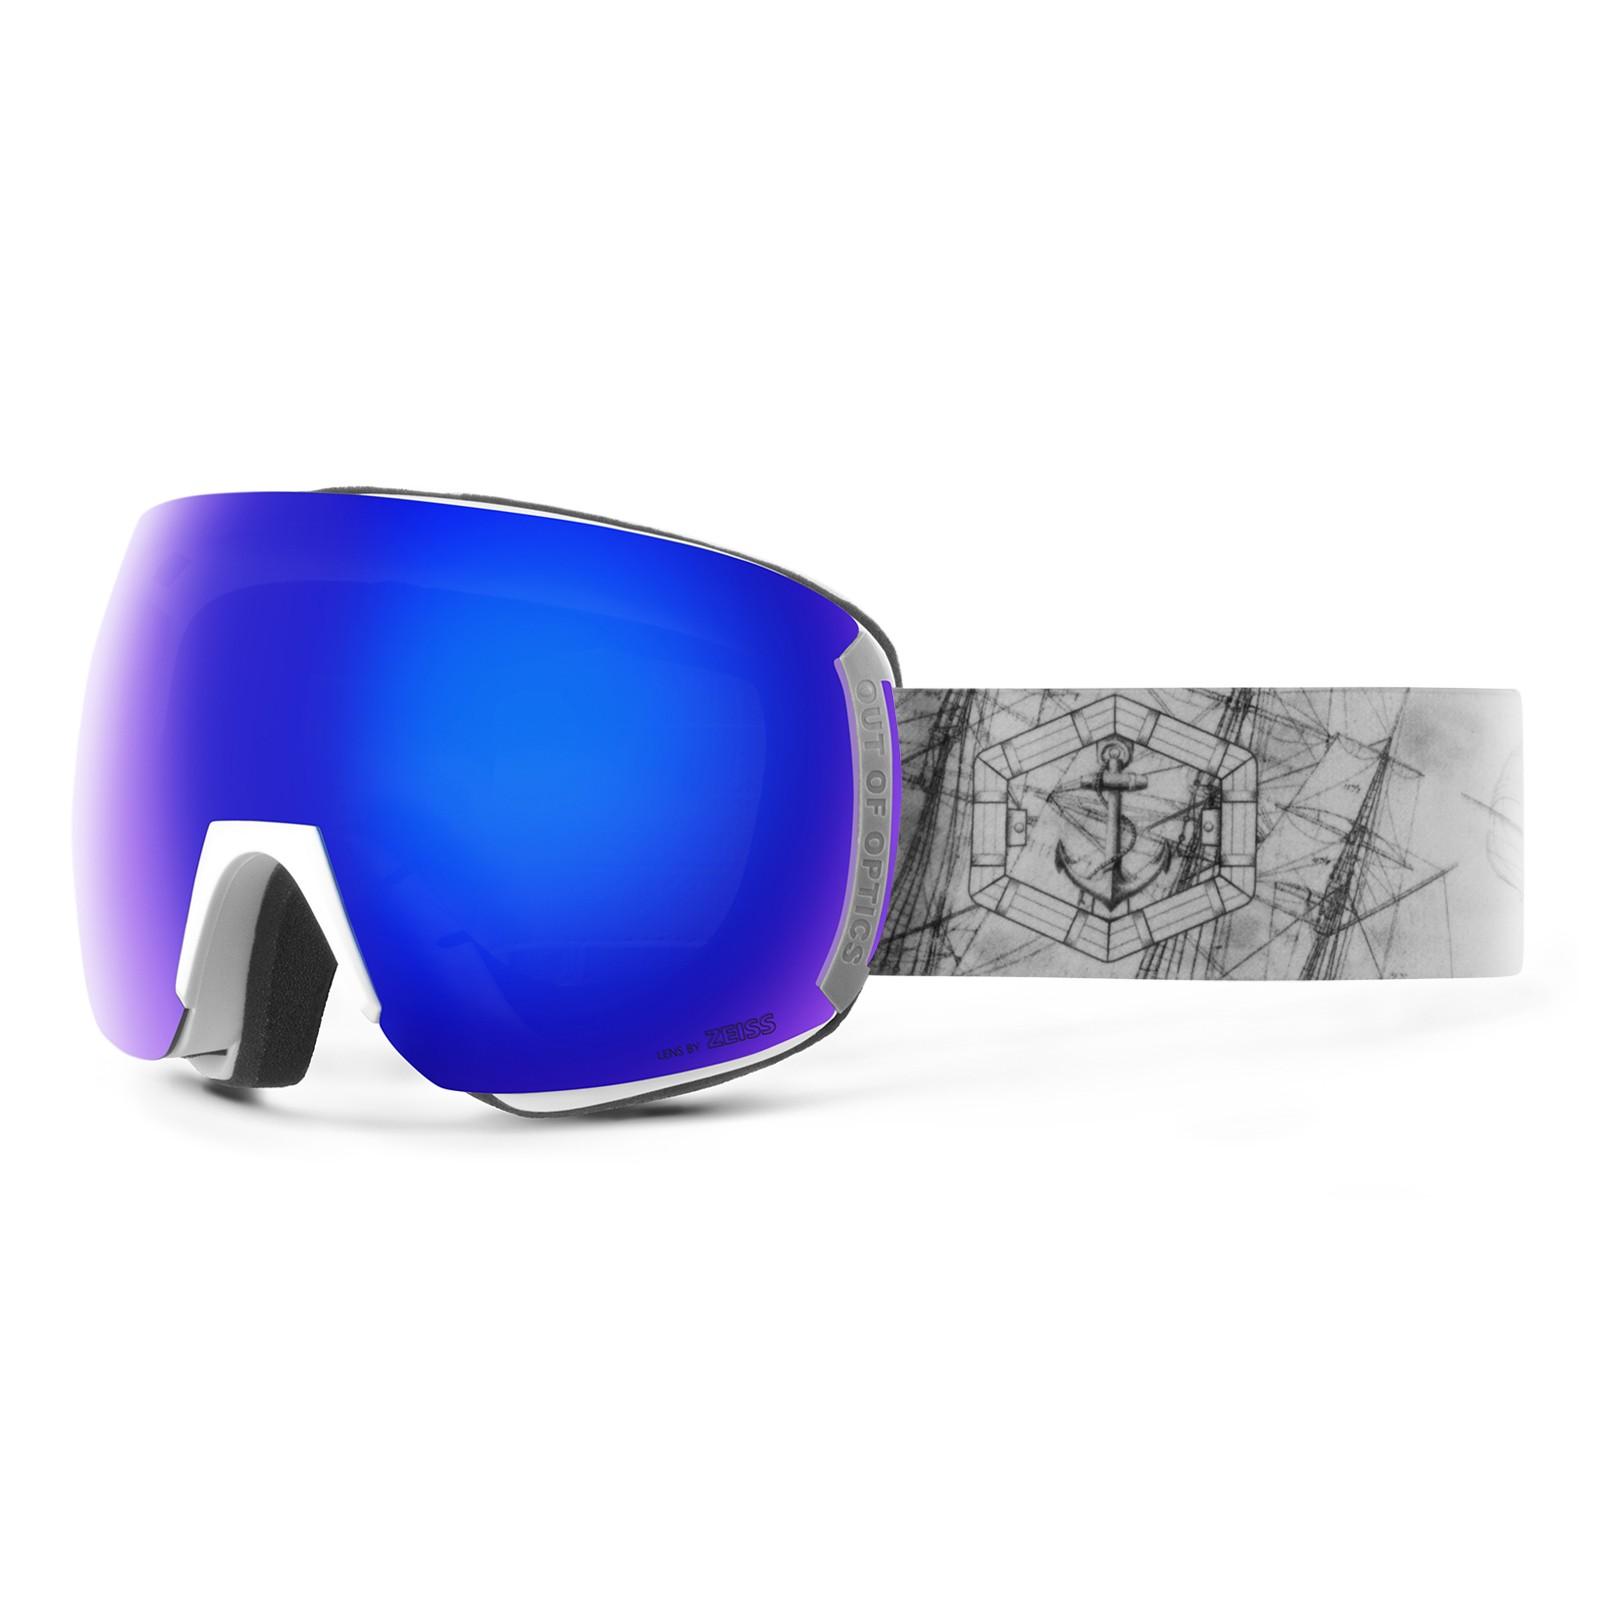 Earth Marine Blue mci goggle